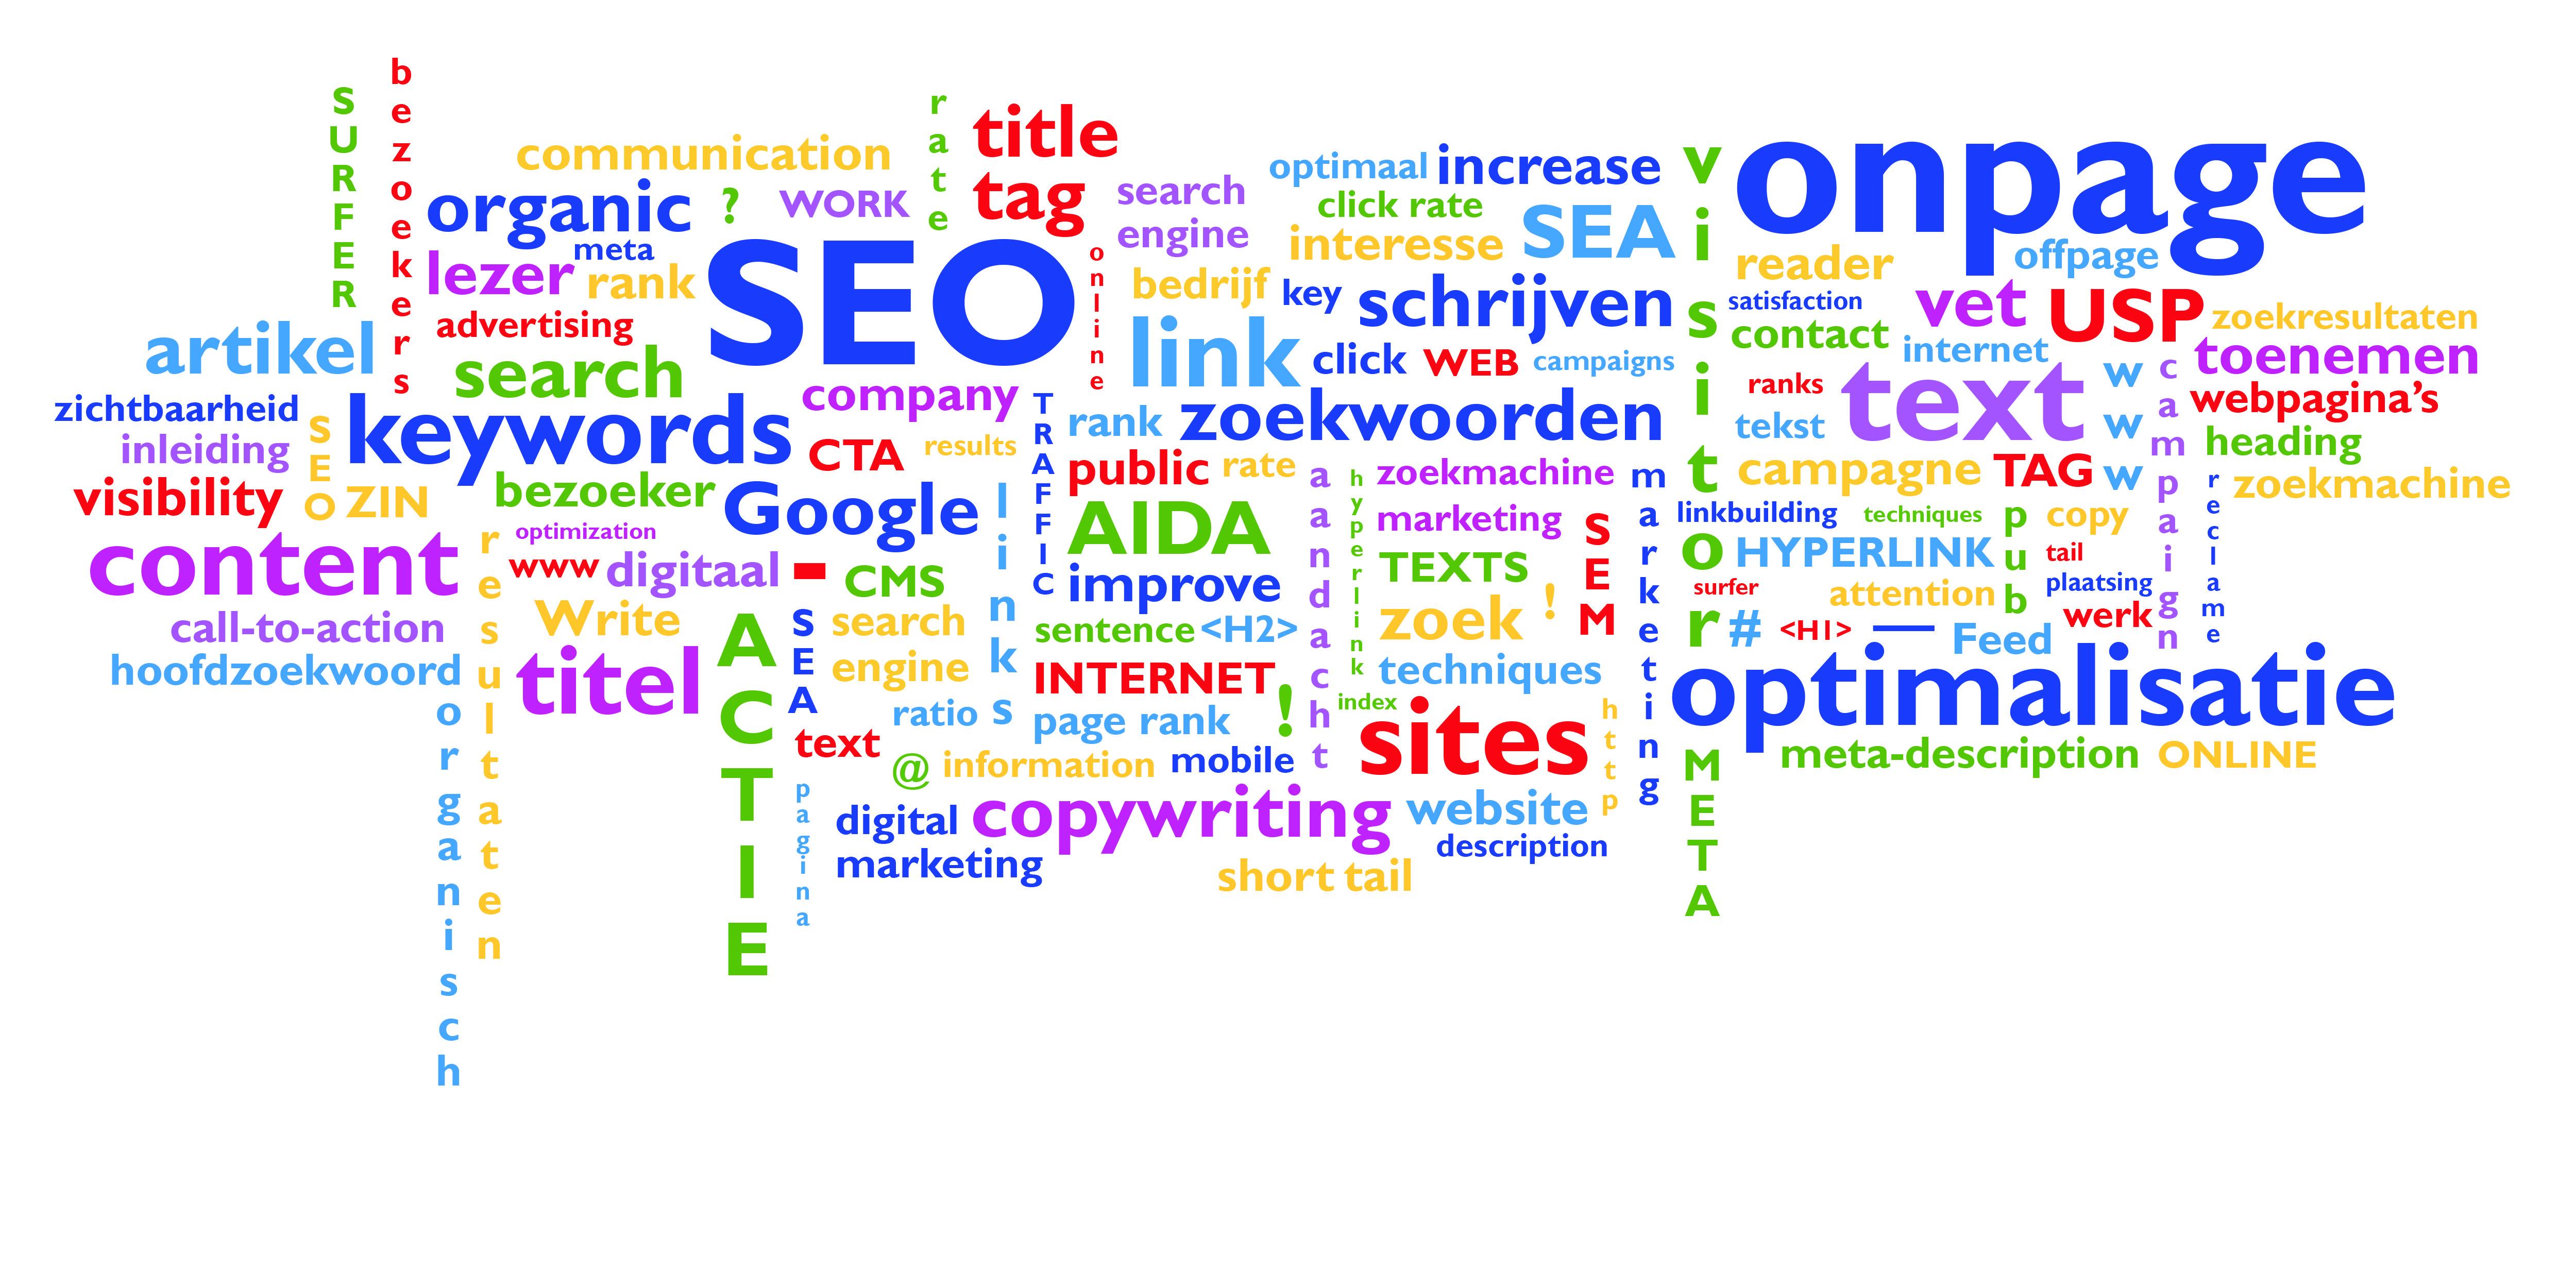 SEO. Welke onpage elementen pas je aan voor een betere optimalisatie van je webpagina? Lees er over op de i-Folks blog. http://www.ifolks.be/nl/blog/optimalisatie_onpage_webpagina_SEO/19/